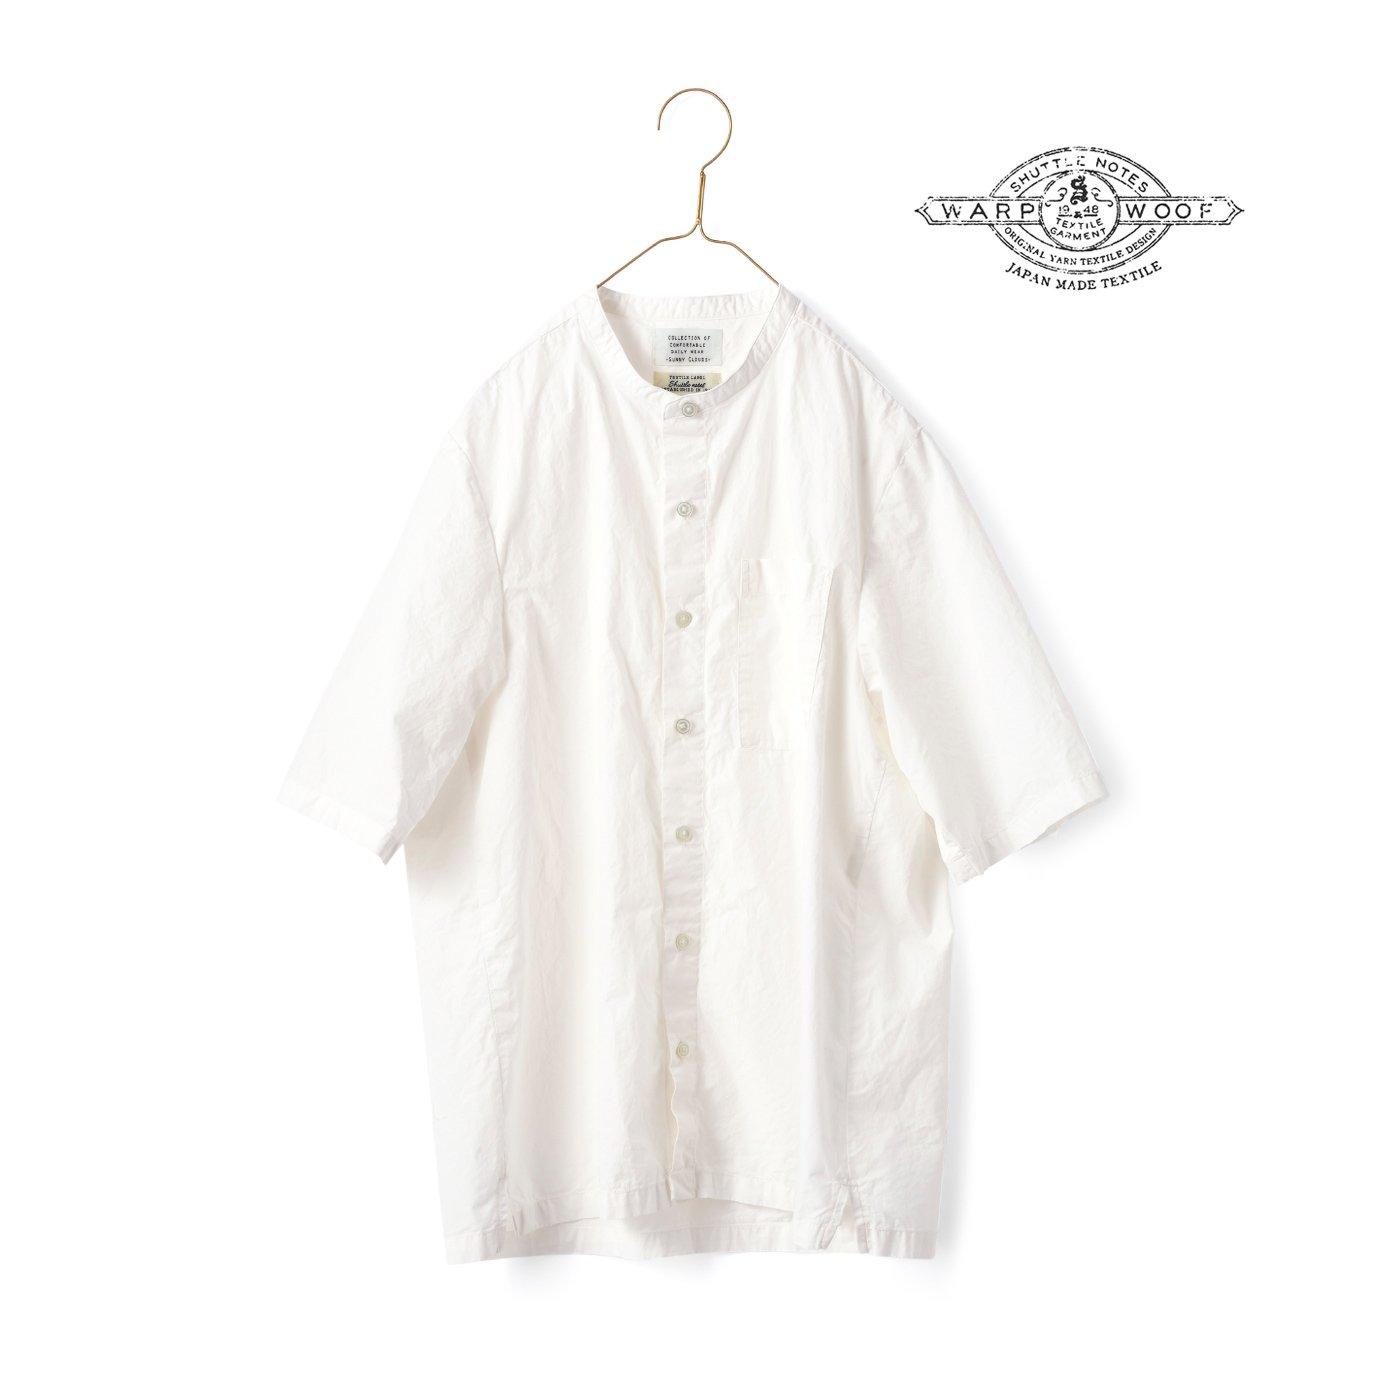 サニークラウズ feat. Shuttle Notes 男前なスタンドカラーシャツ〈メンズ〉白